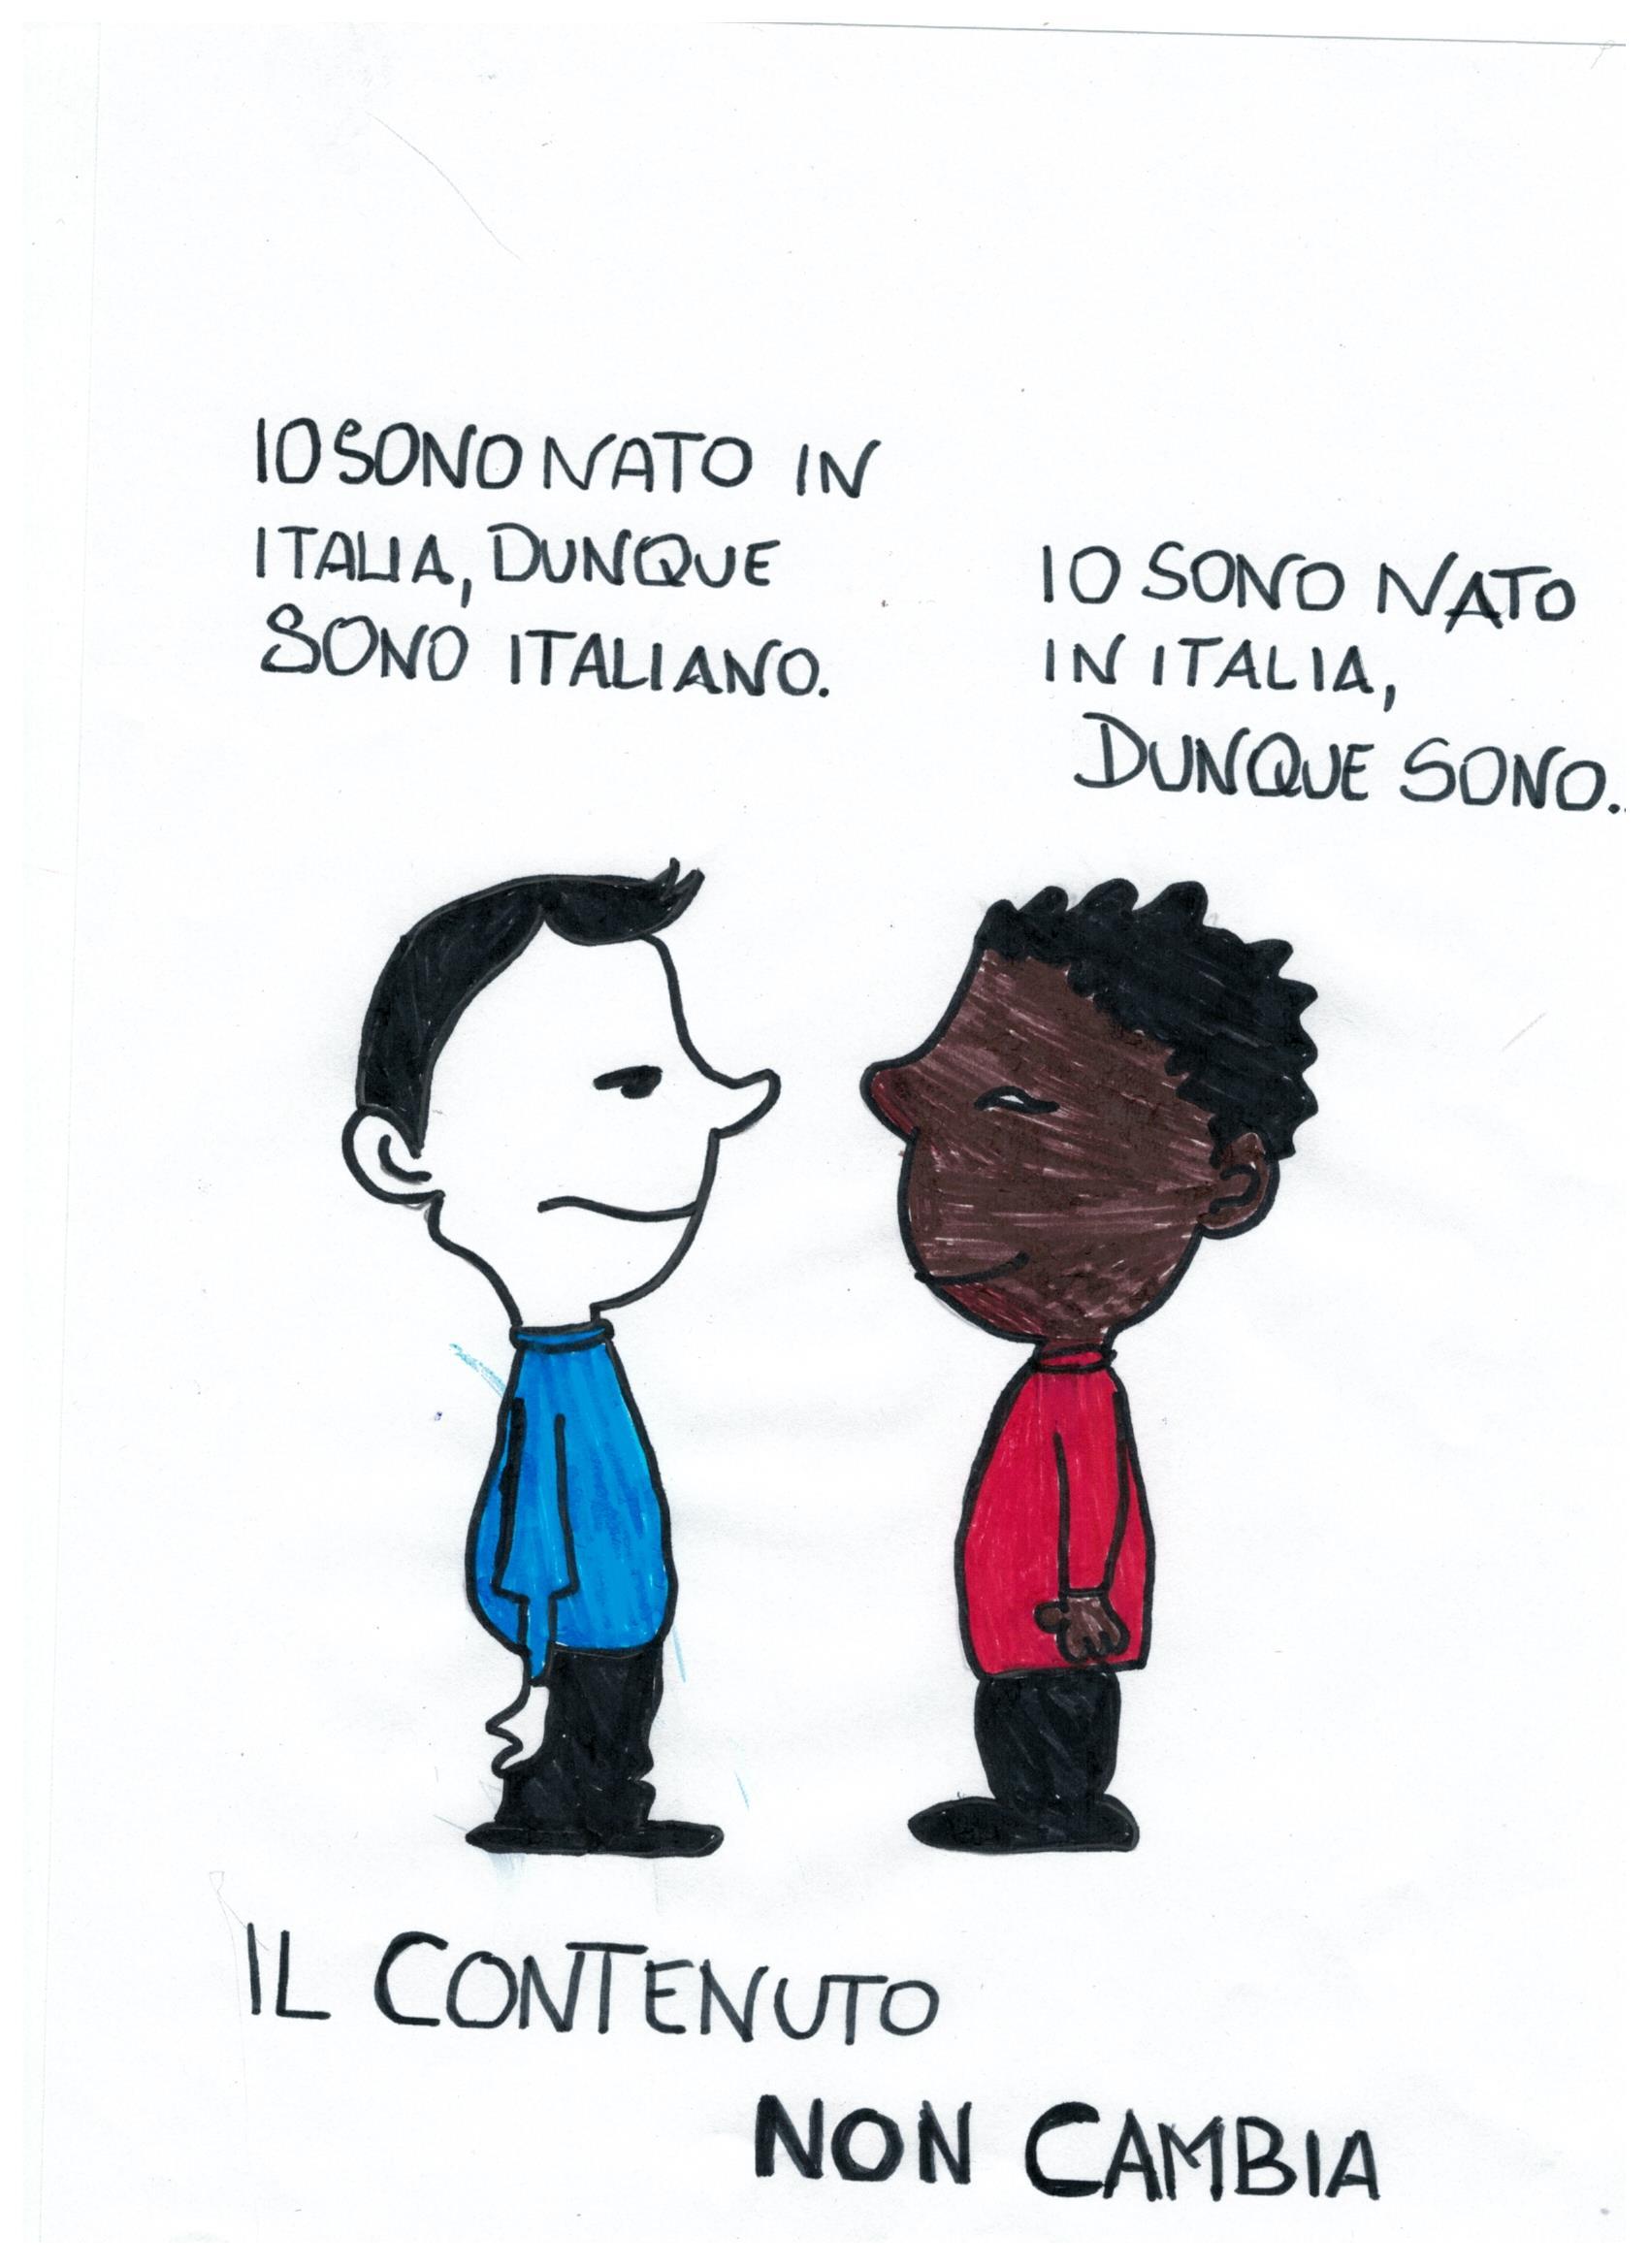 """""""CONFINI E MURI"""": IL DIRITTO ALLA COMPRENSIONE E ALL'UNIONE TRA I POPOLI. IL RAZZISMO by Marco Cacciolo; Costanza Liprino - Ourboox.com"""